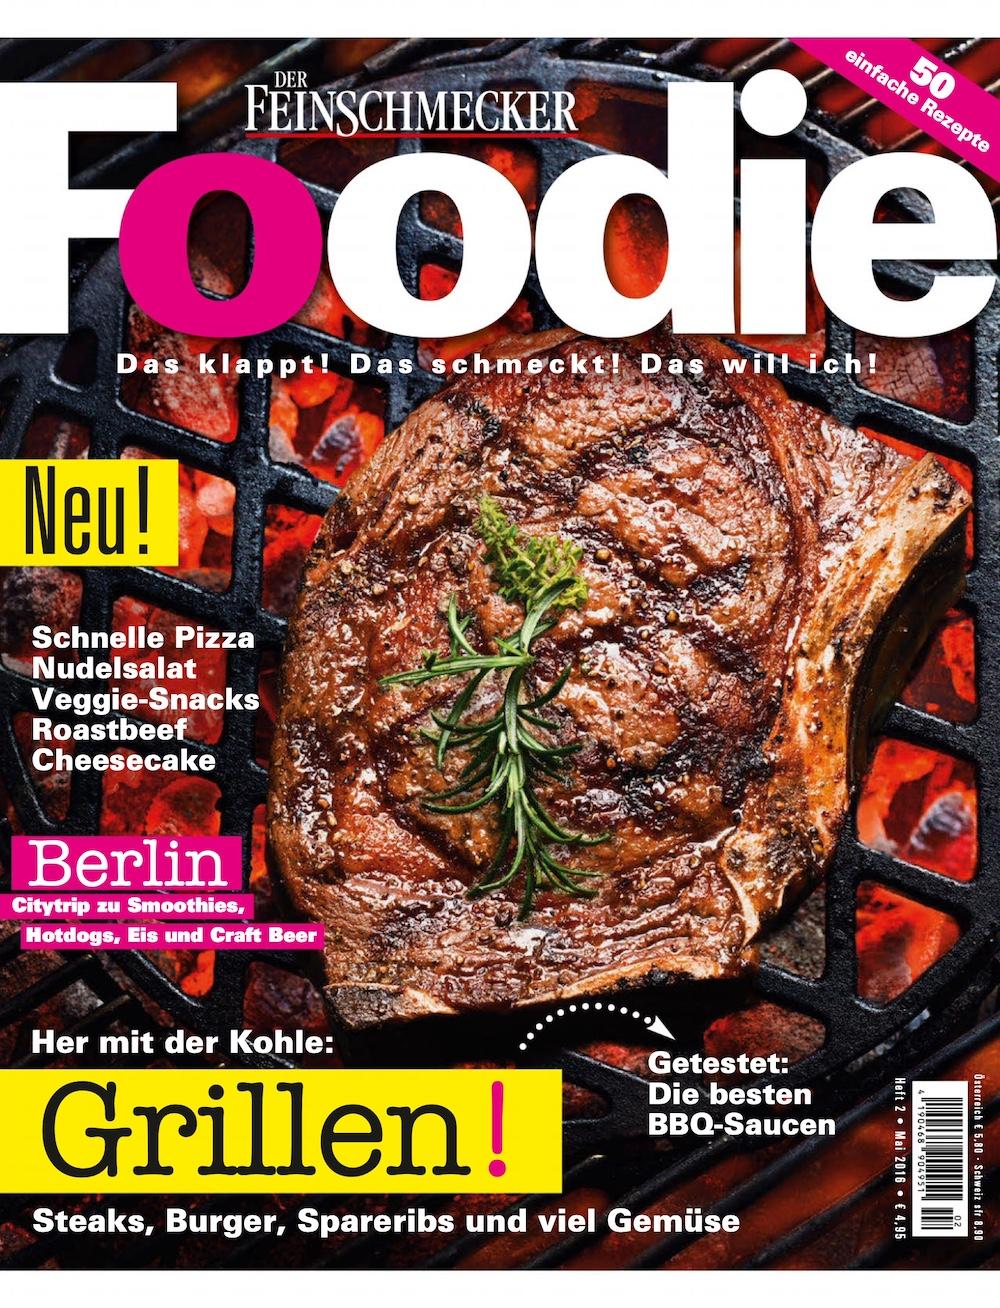 Der Feinschmecker-Foodie 2016-02